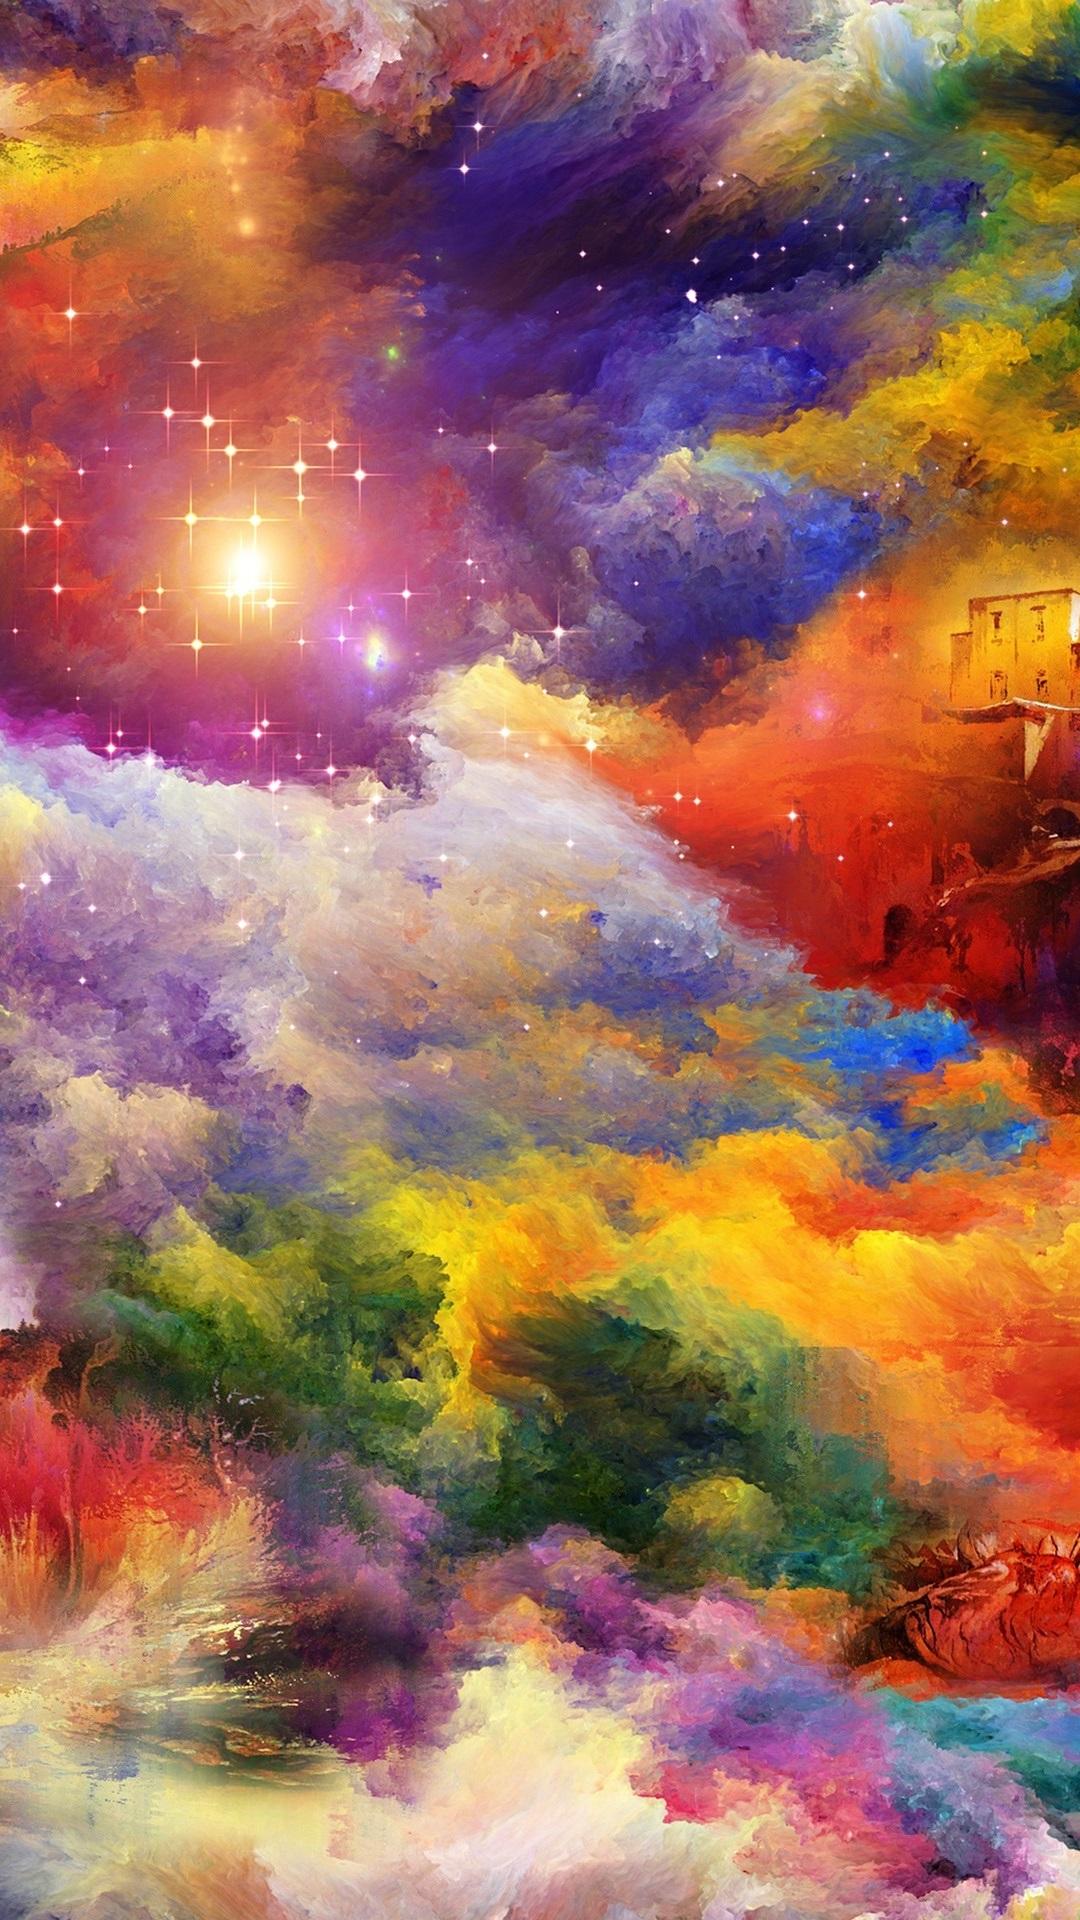 明るい色 ハウス ロック アートの絵画 1080x1920 Iphone 8 7 6 6s